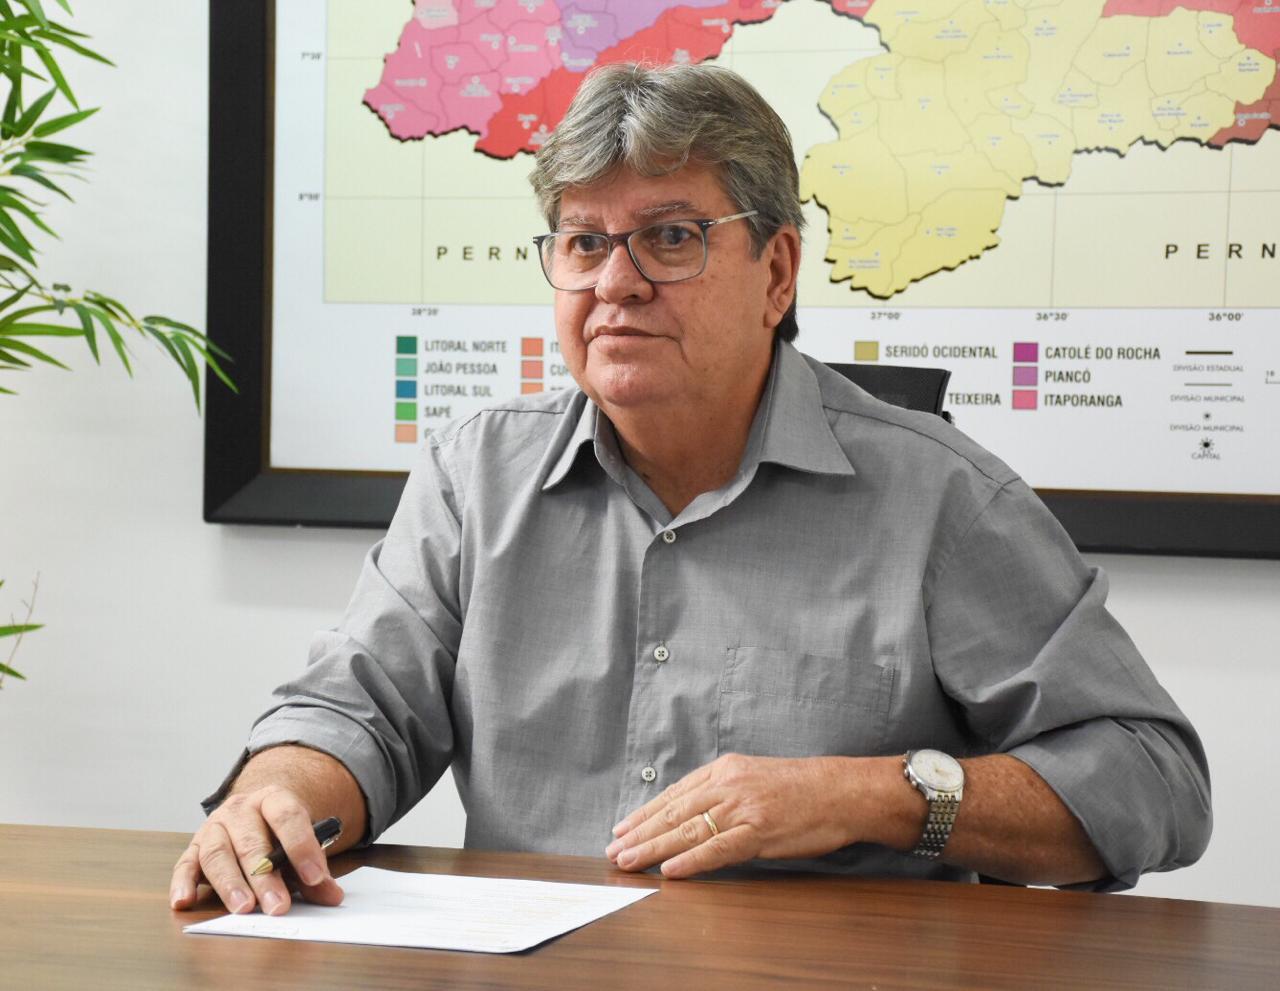 """FATO NOVO: João radicaliza, desiste de mandar representantes para reunião do PSB e envia carta com """"recado"""" à cúpula do partido"""